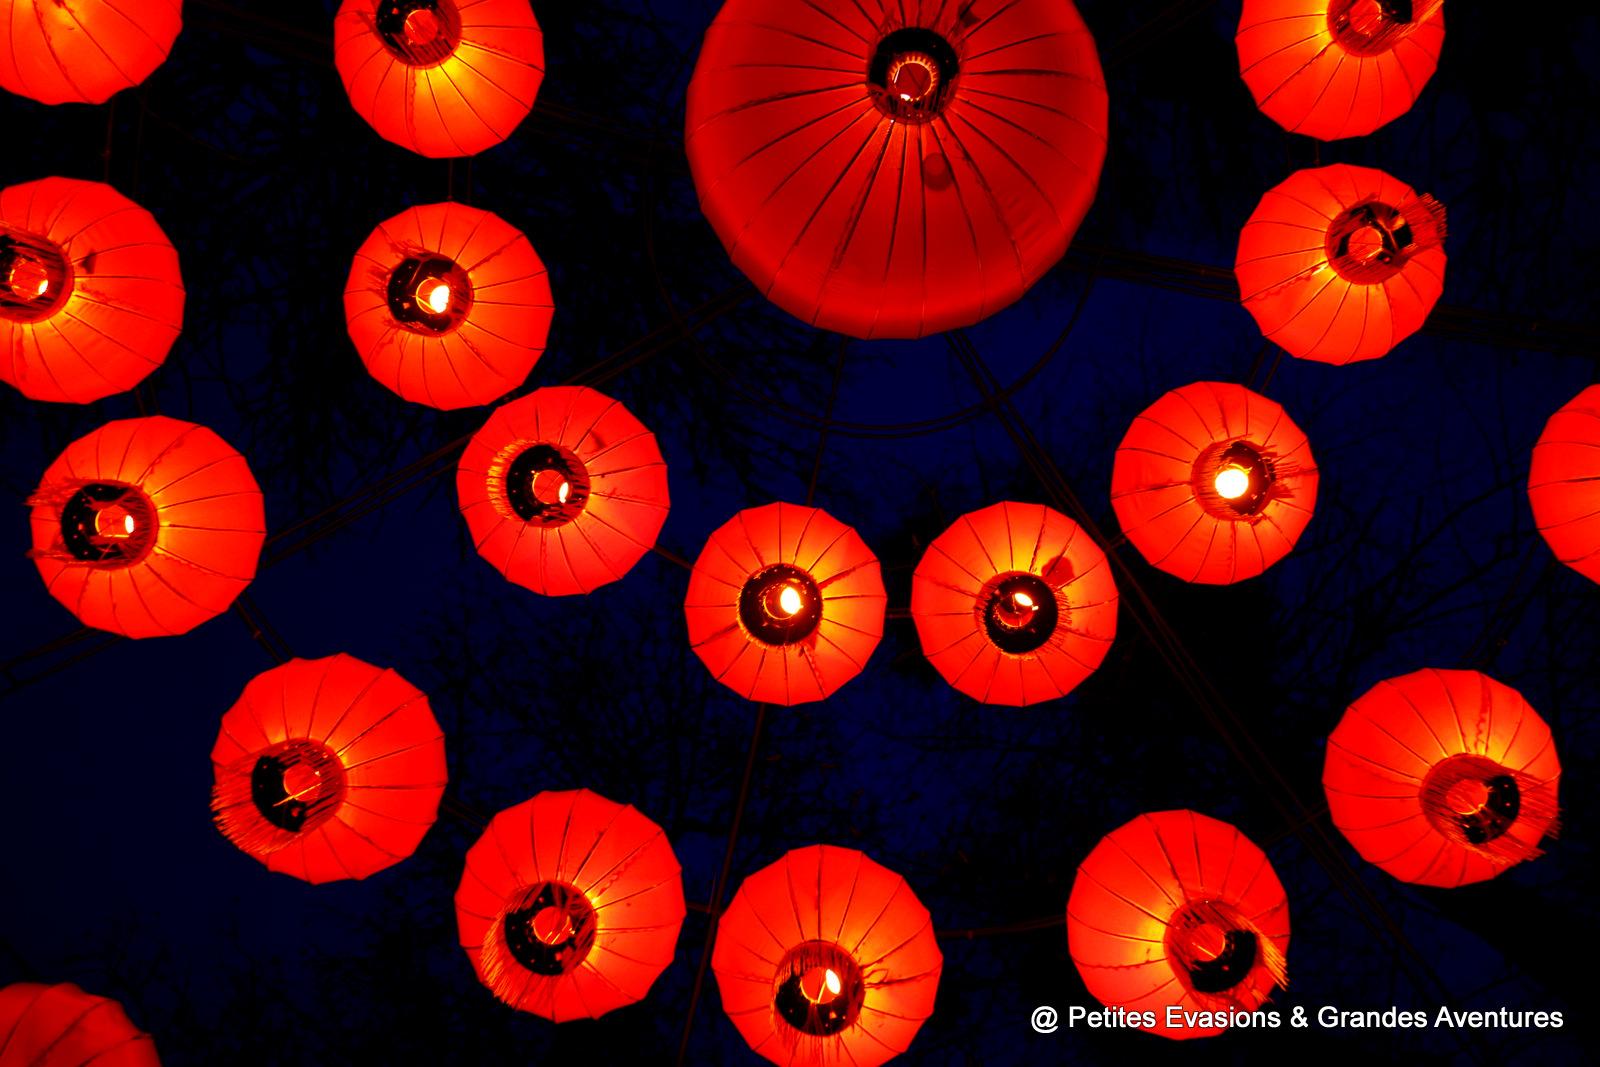 photographie lampions Festival de Gaillac